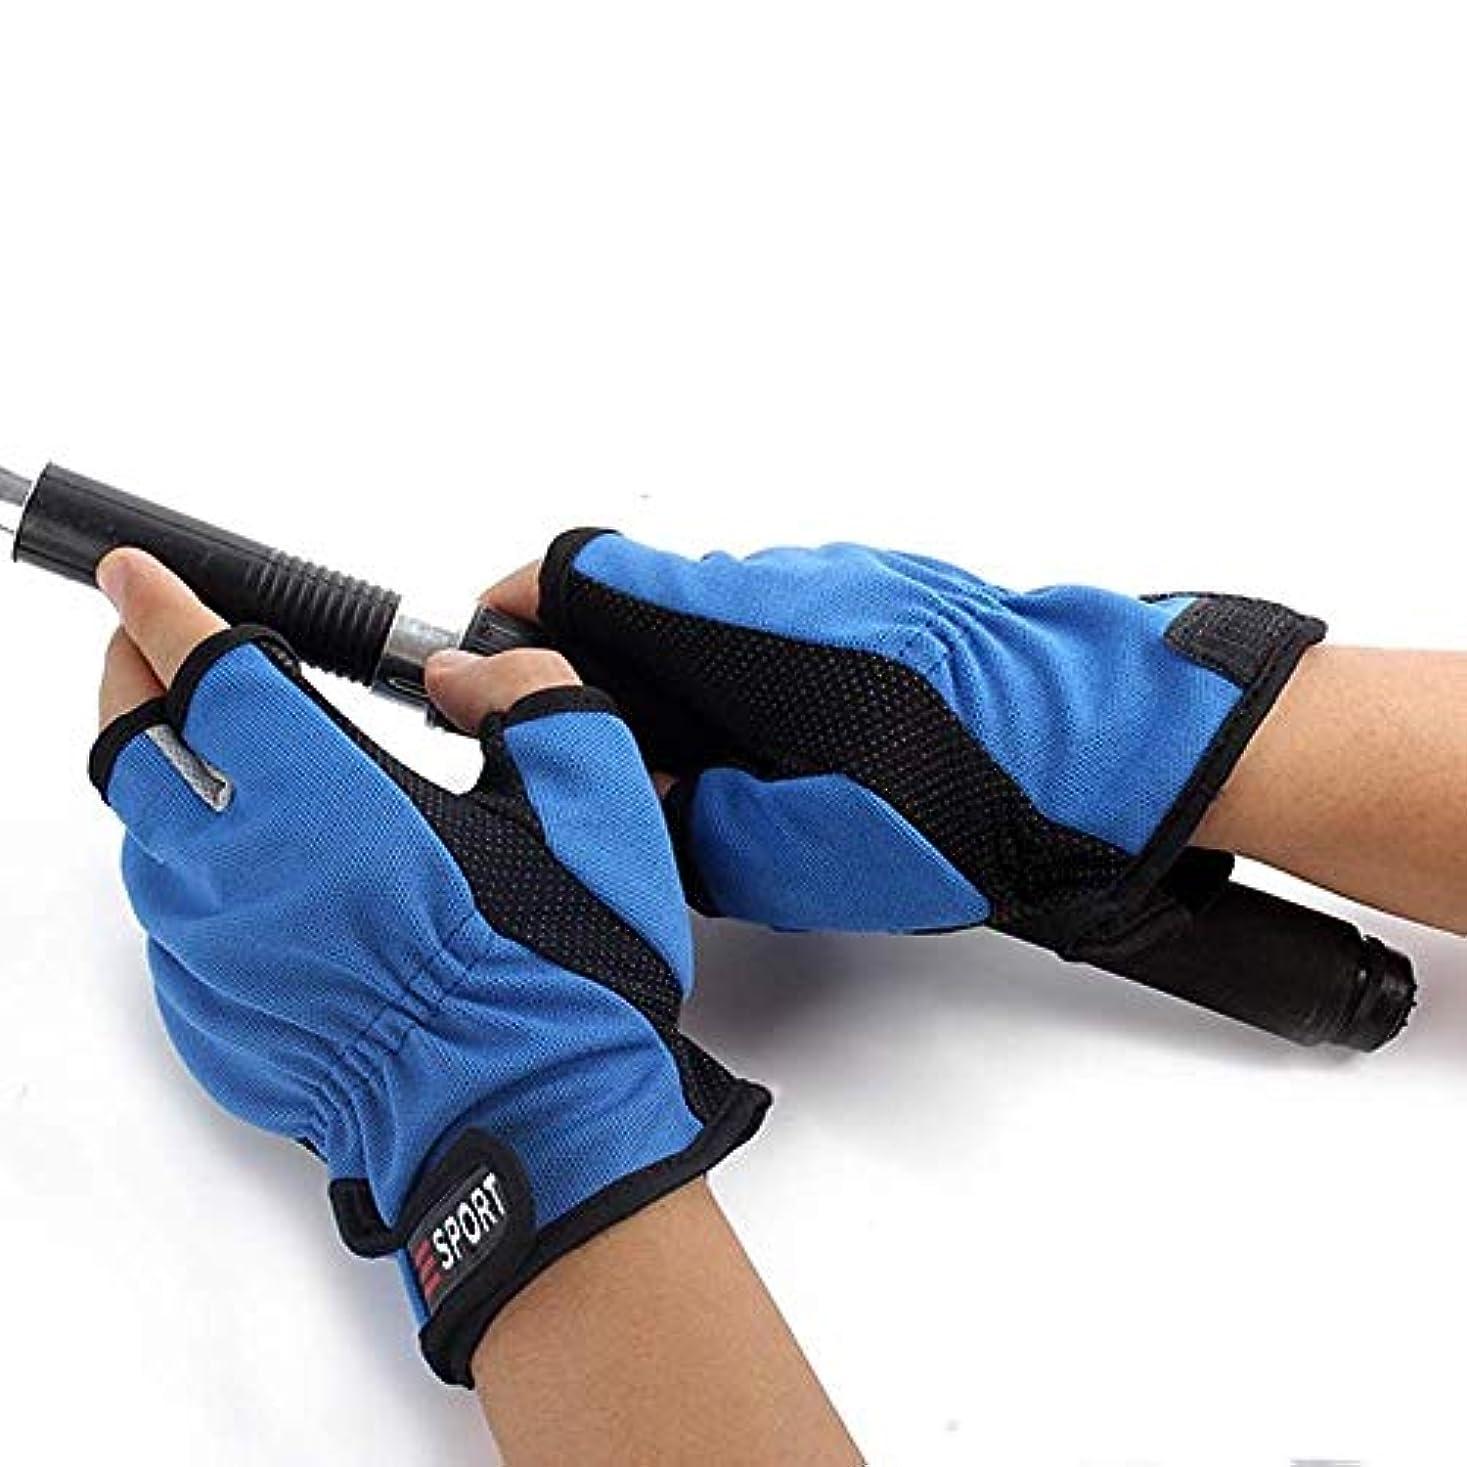 野生キャリッジ国家3 カット指防止スリップパックにくい手袋タックル釣りグローブ